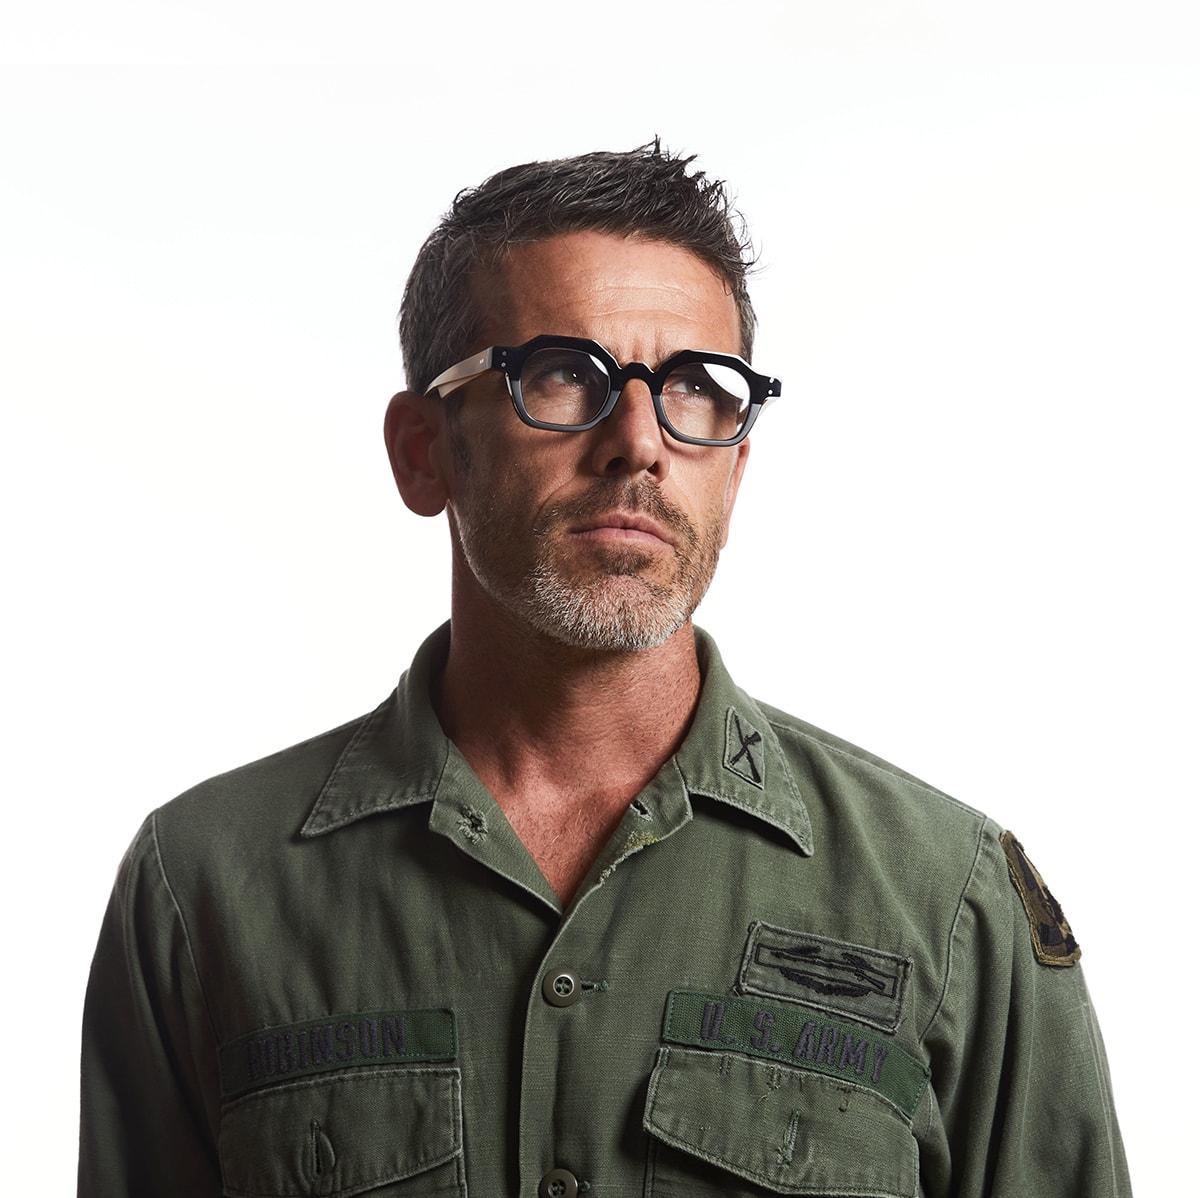 JPJ Model Director - Optical Eyewear